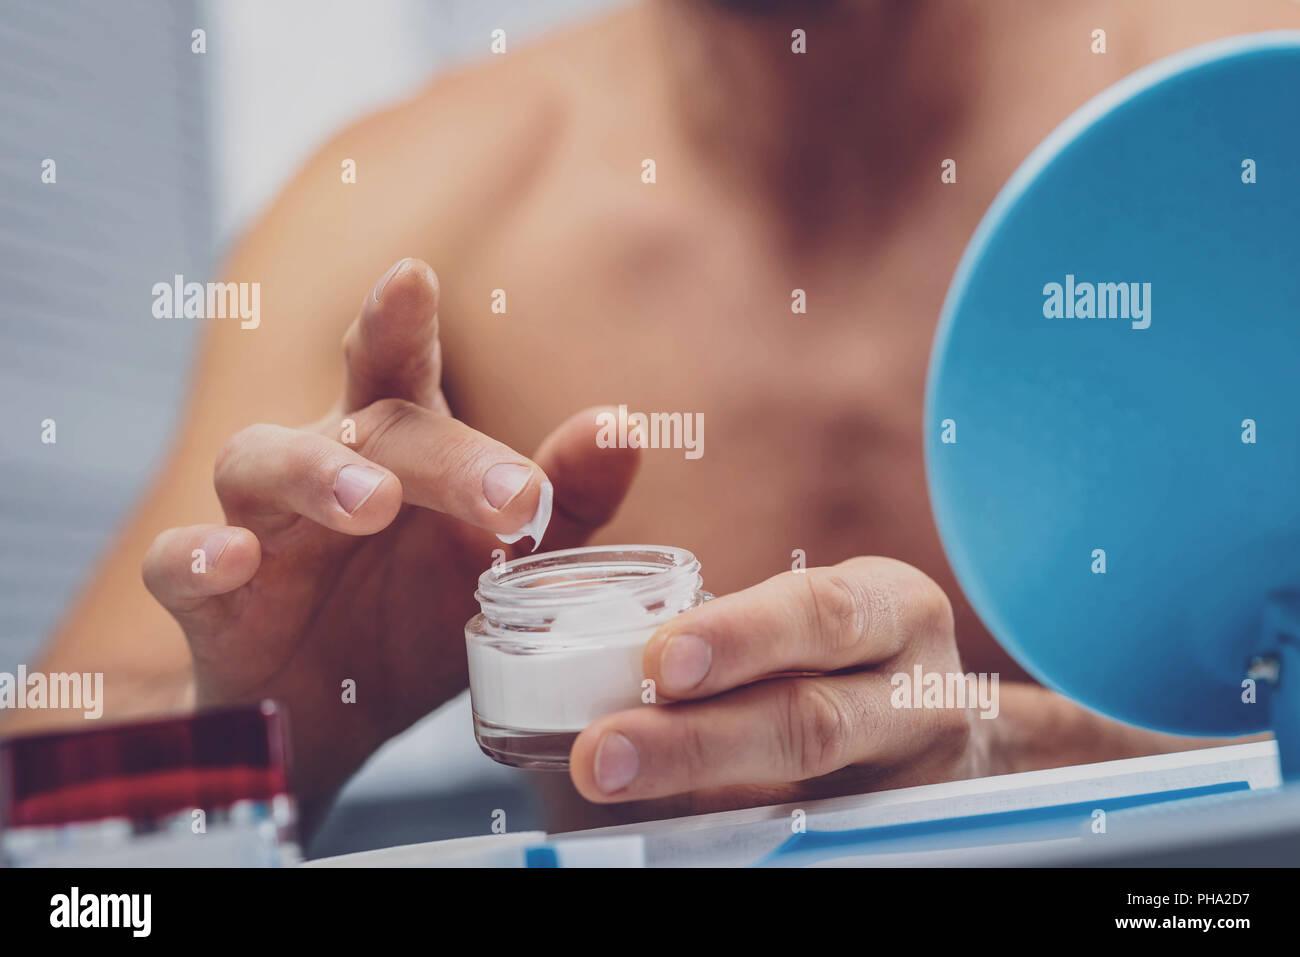 Man holding moisturizing face cream - Stock Image